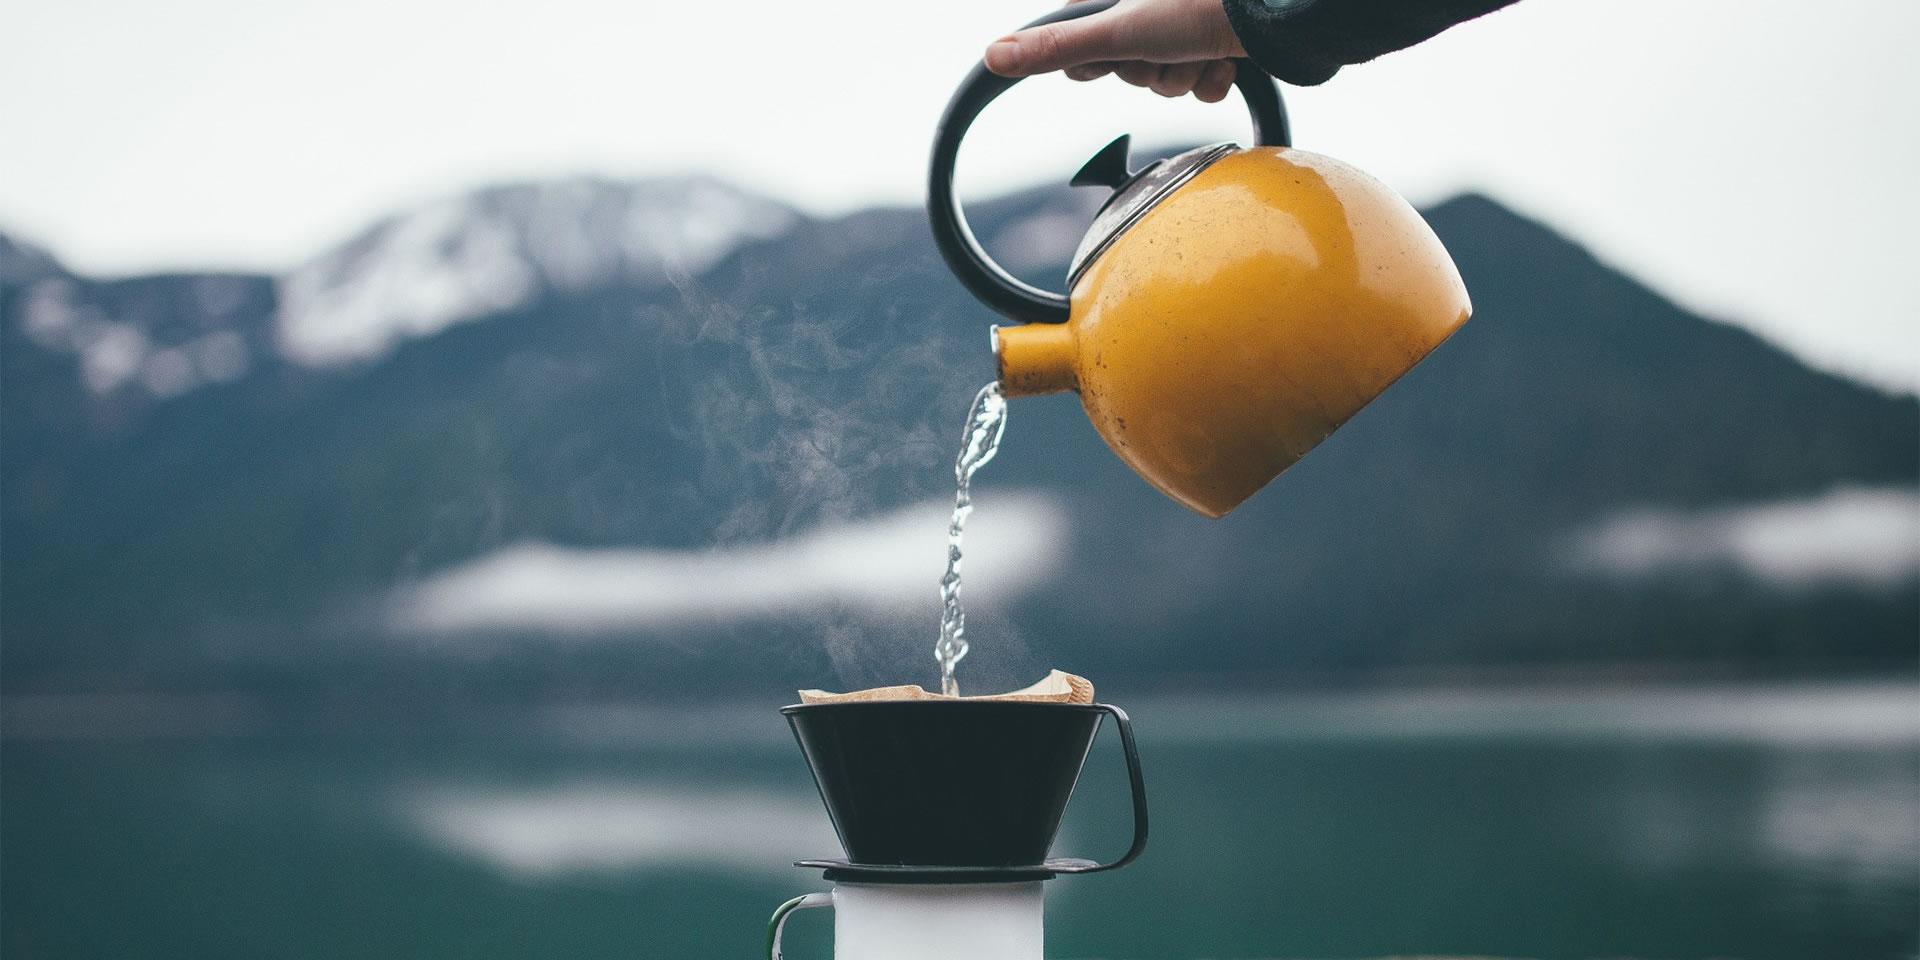 Горячий Чай: Сдвиг расписания подкастов на одну неделю